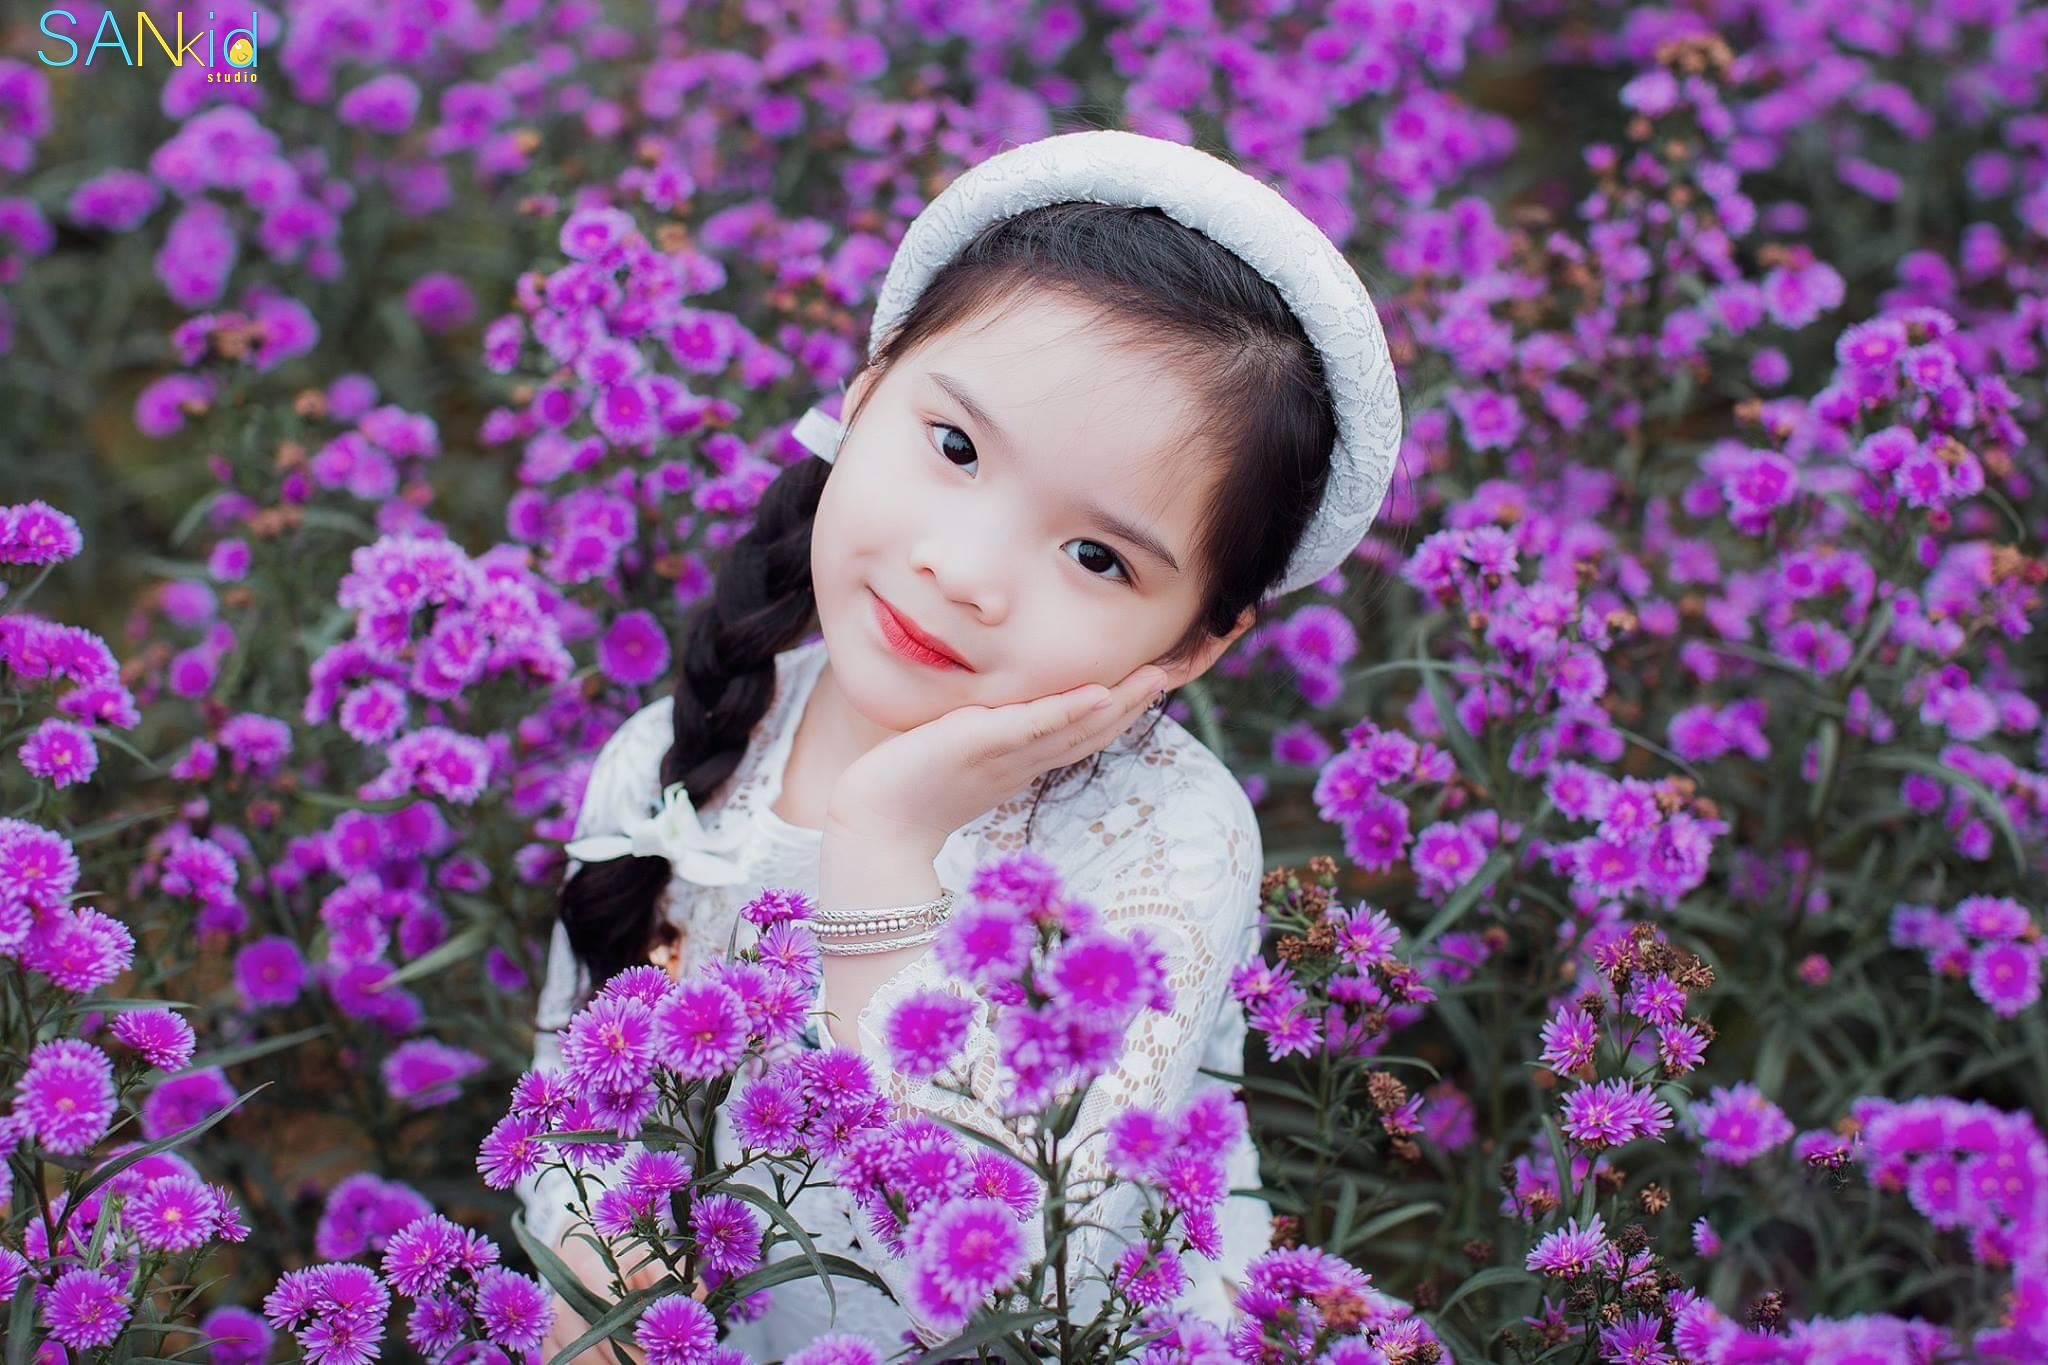 Chụp ảnh cho bé gái với trang phục tươi tắn